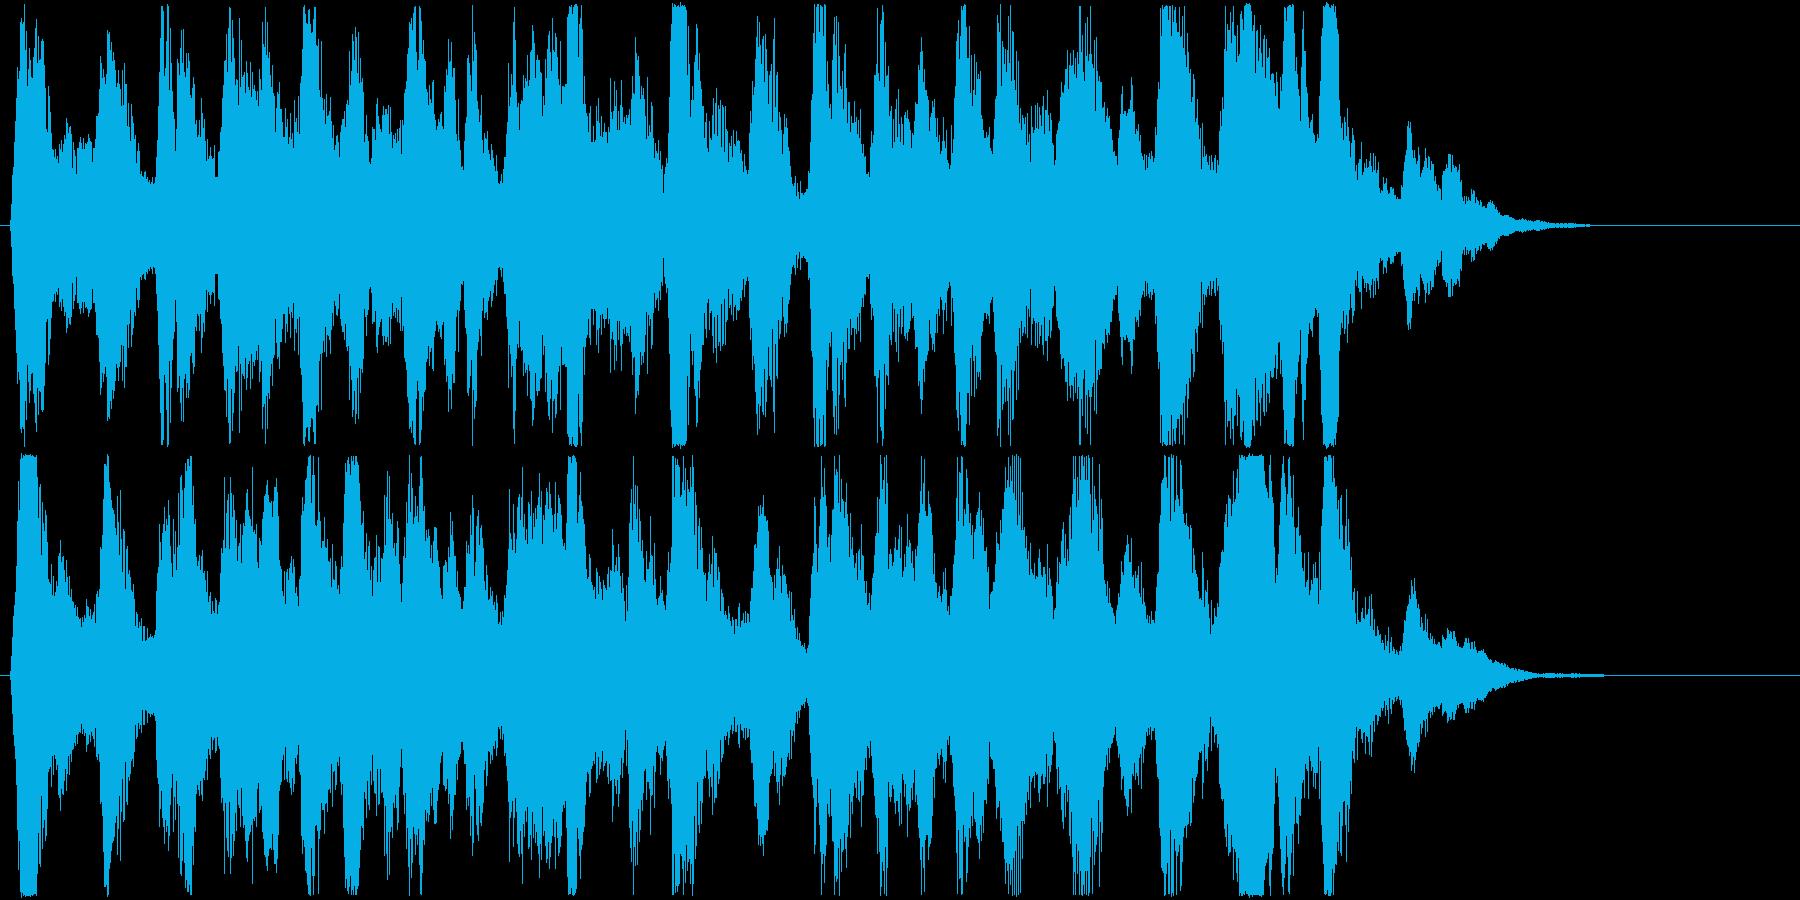 明るく、楽しいストリングス/スピッカートの再生済みの波形